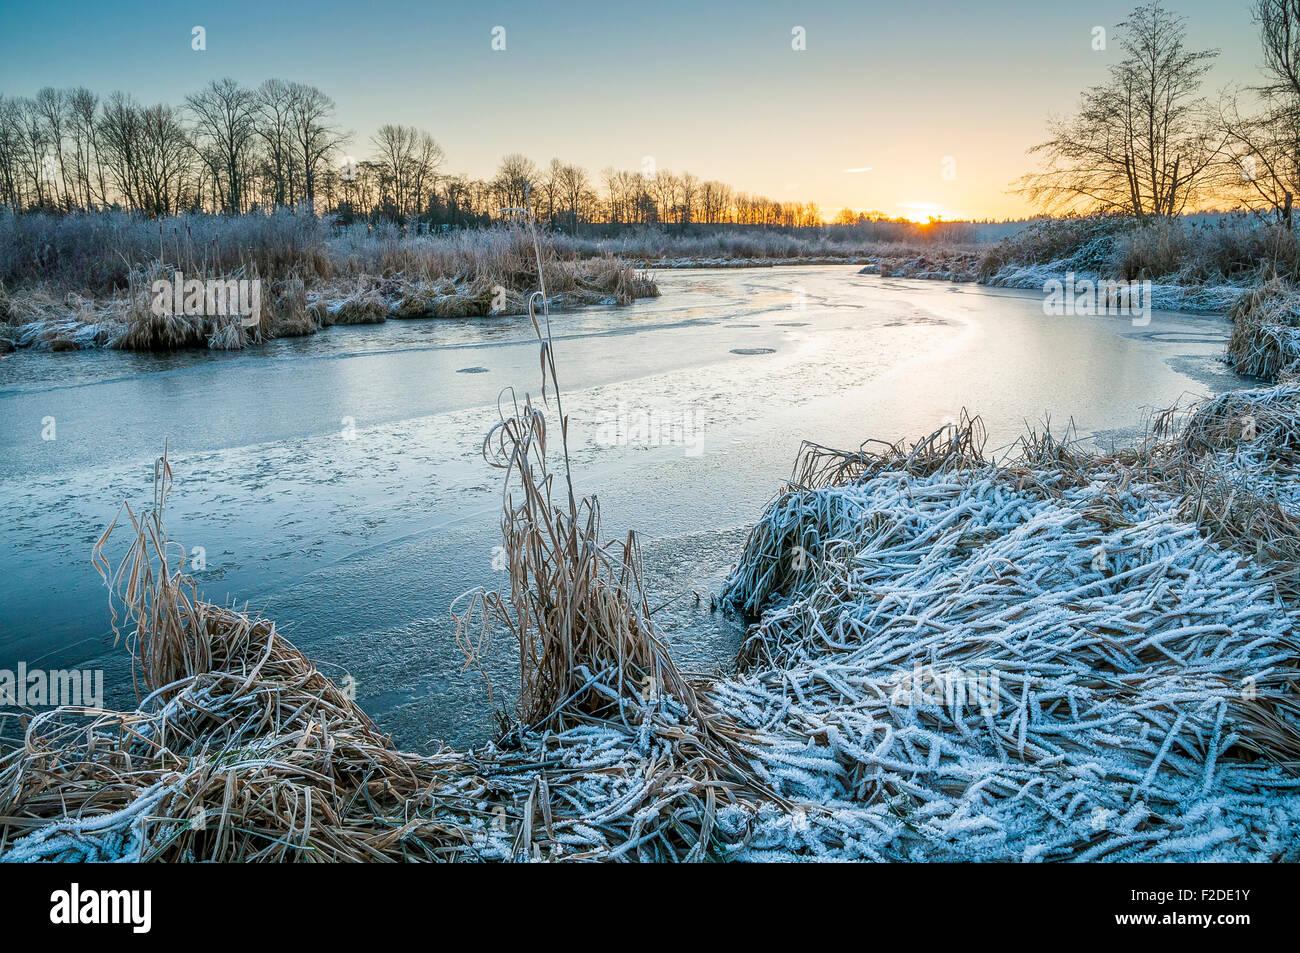 Amanecer de invierno, todavía Creek, el Parque Regional del Lago Burnaby, Burnaby, British Columbia, Canadá Imagen De Stock